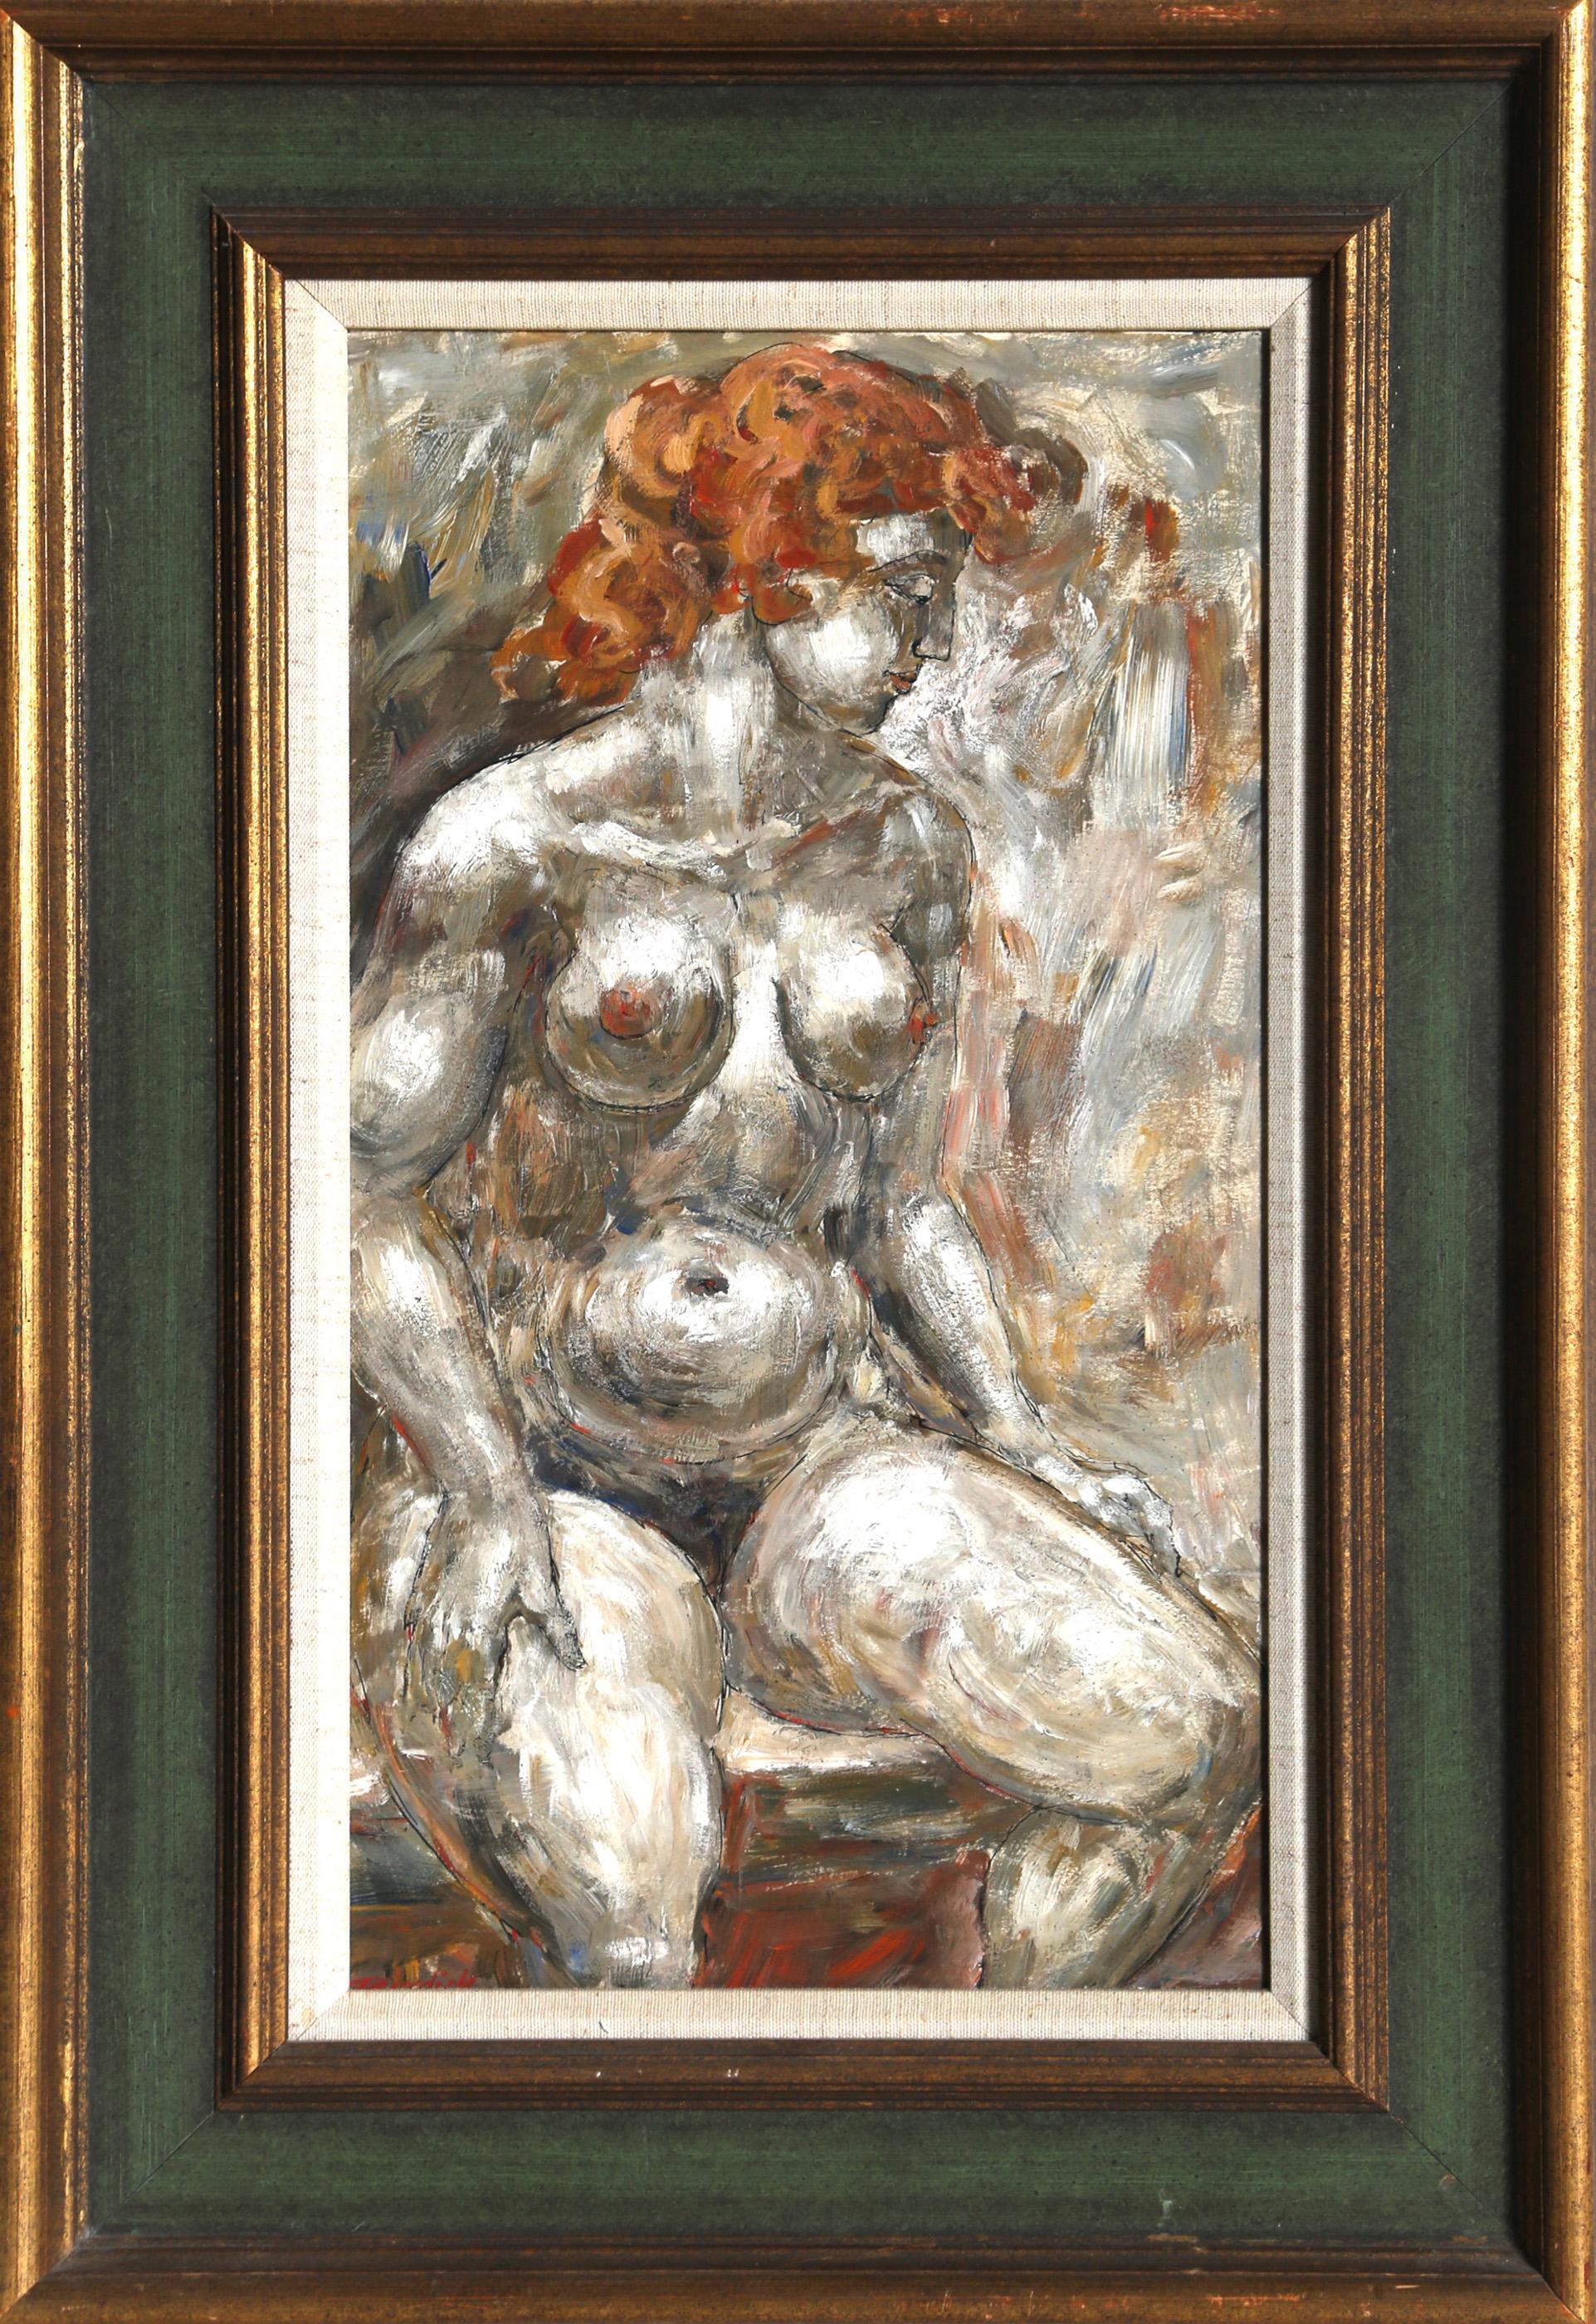 Charles Burdick, Nude (Red Hair), Oil Painting